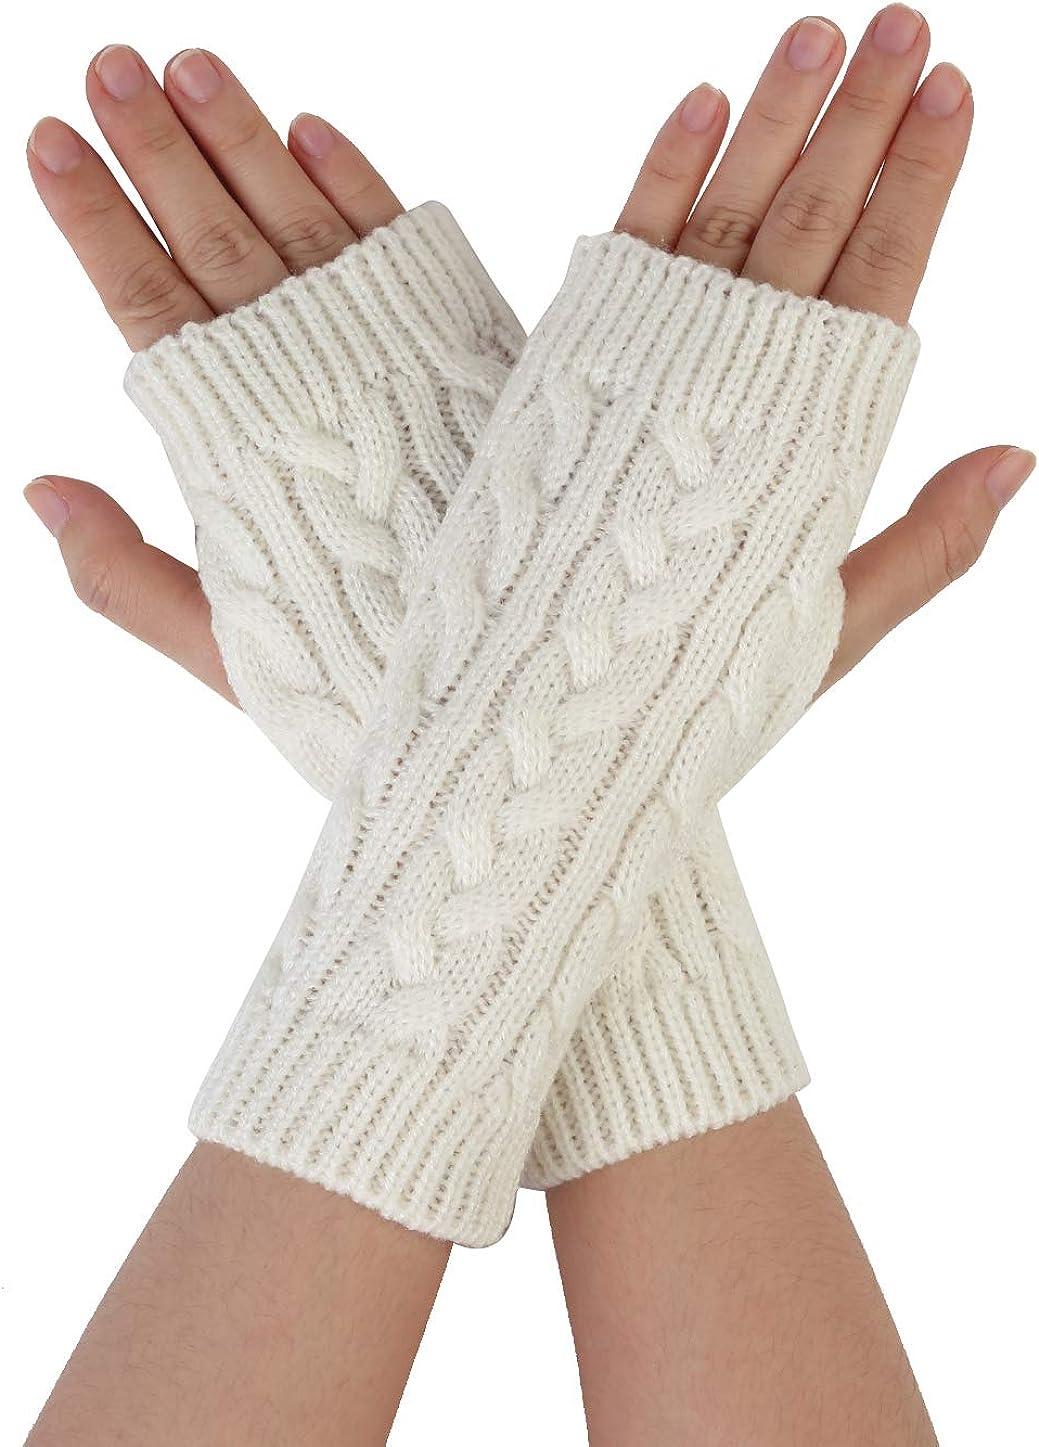 Allegra K Men Women Winter Wrist Warmer Stretchy Elastic Thumbhole Knitted Fingerless Gloves